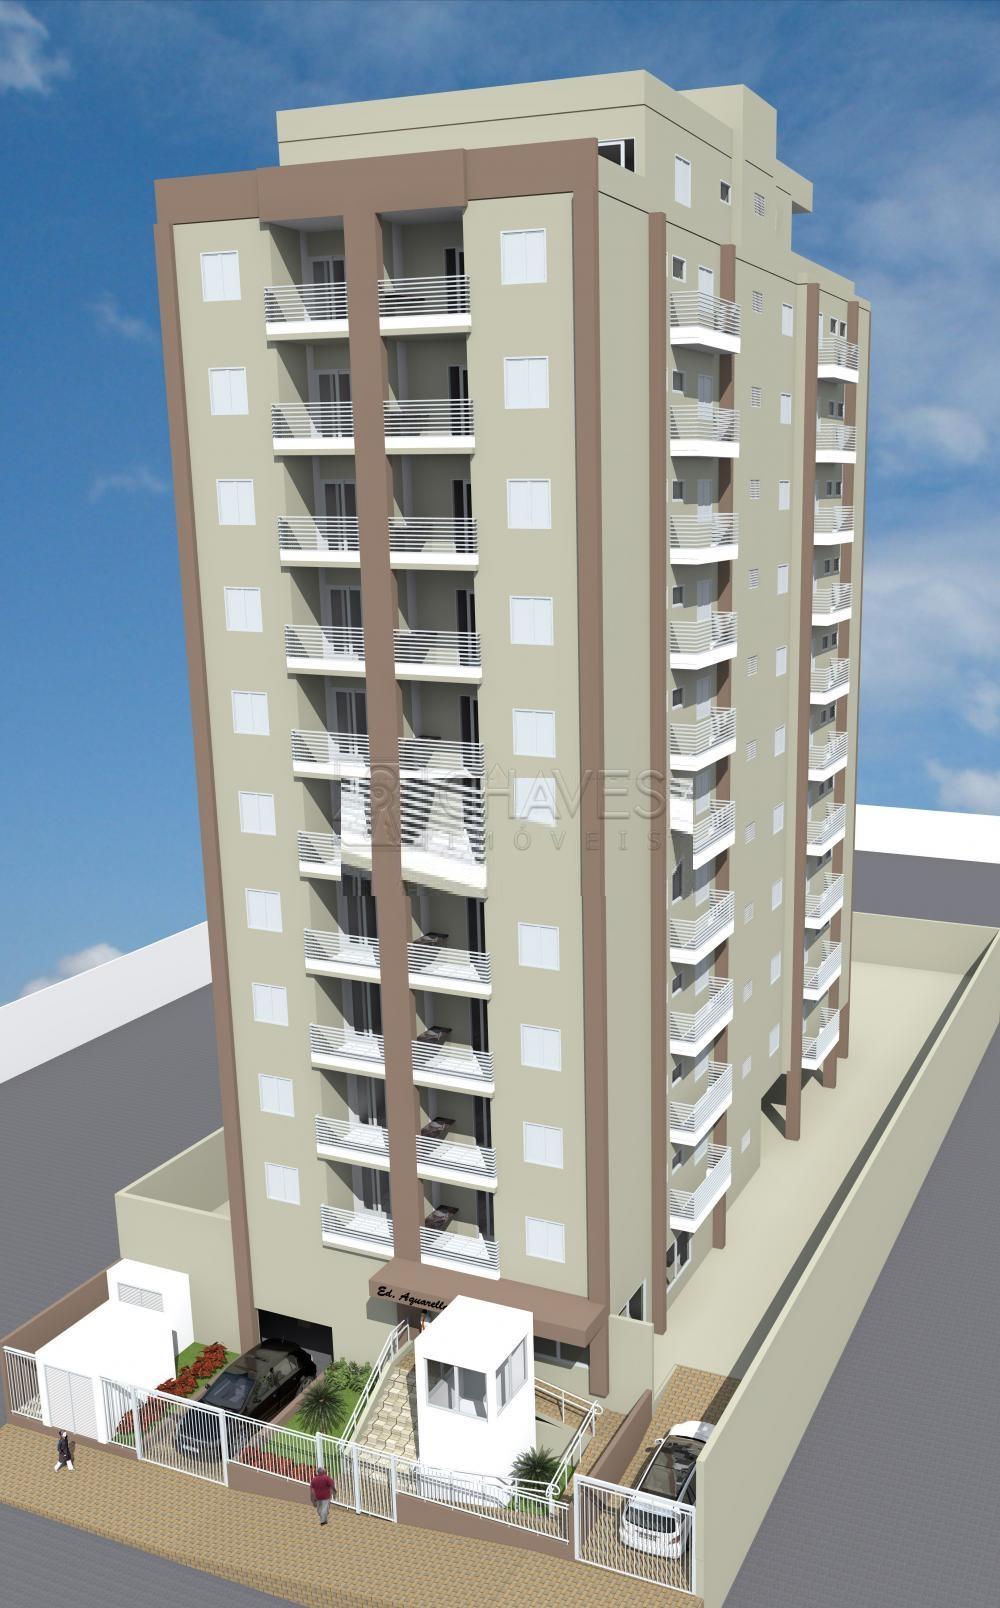 Comprar Apartamento / Padrão em Ribeirão Preto apenas R$ 293.000,00 - Foto 1